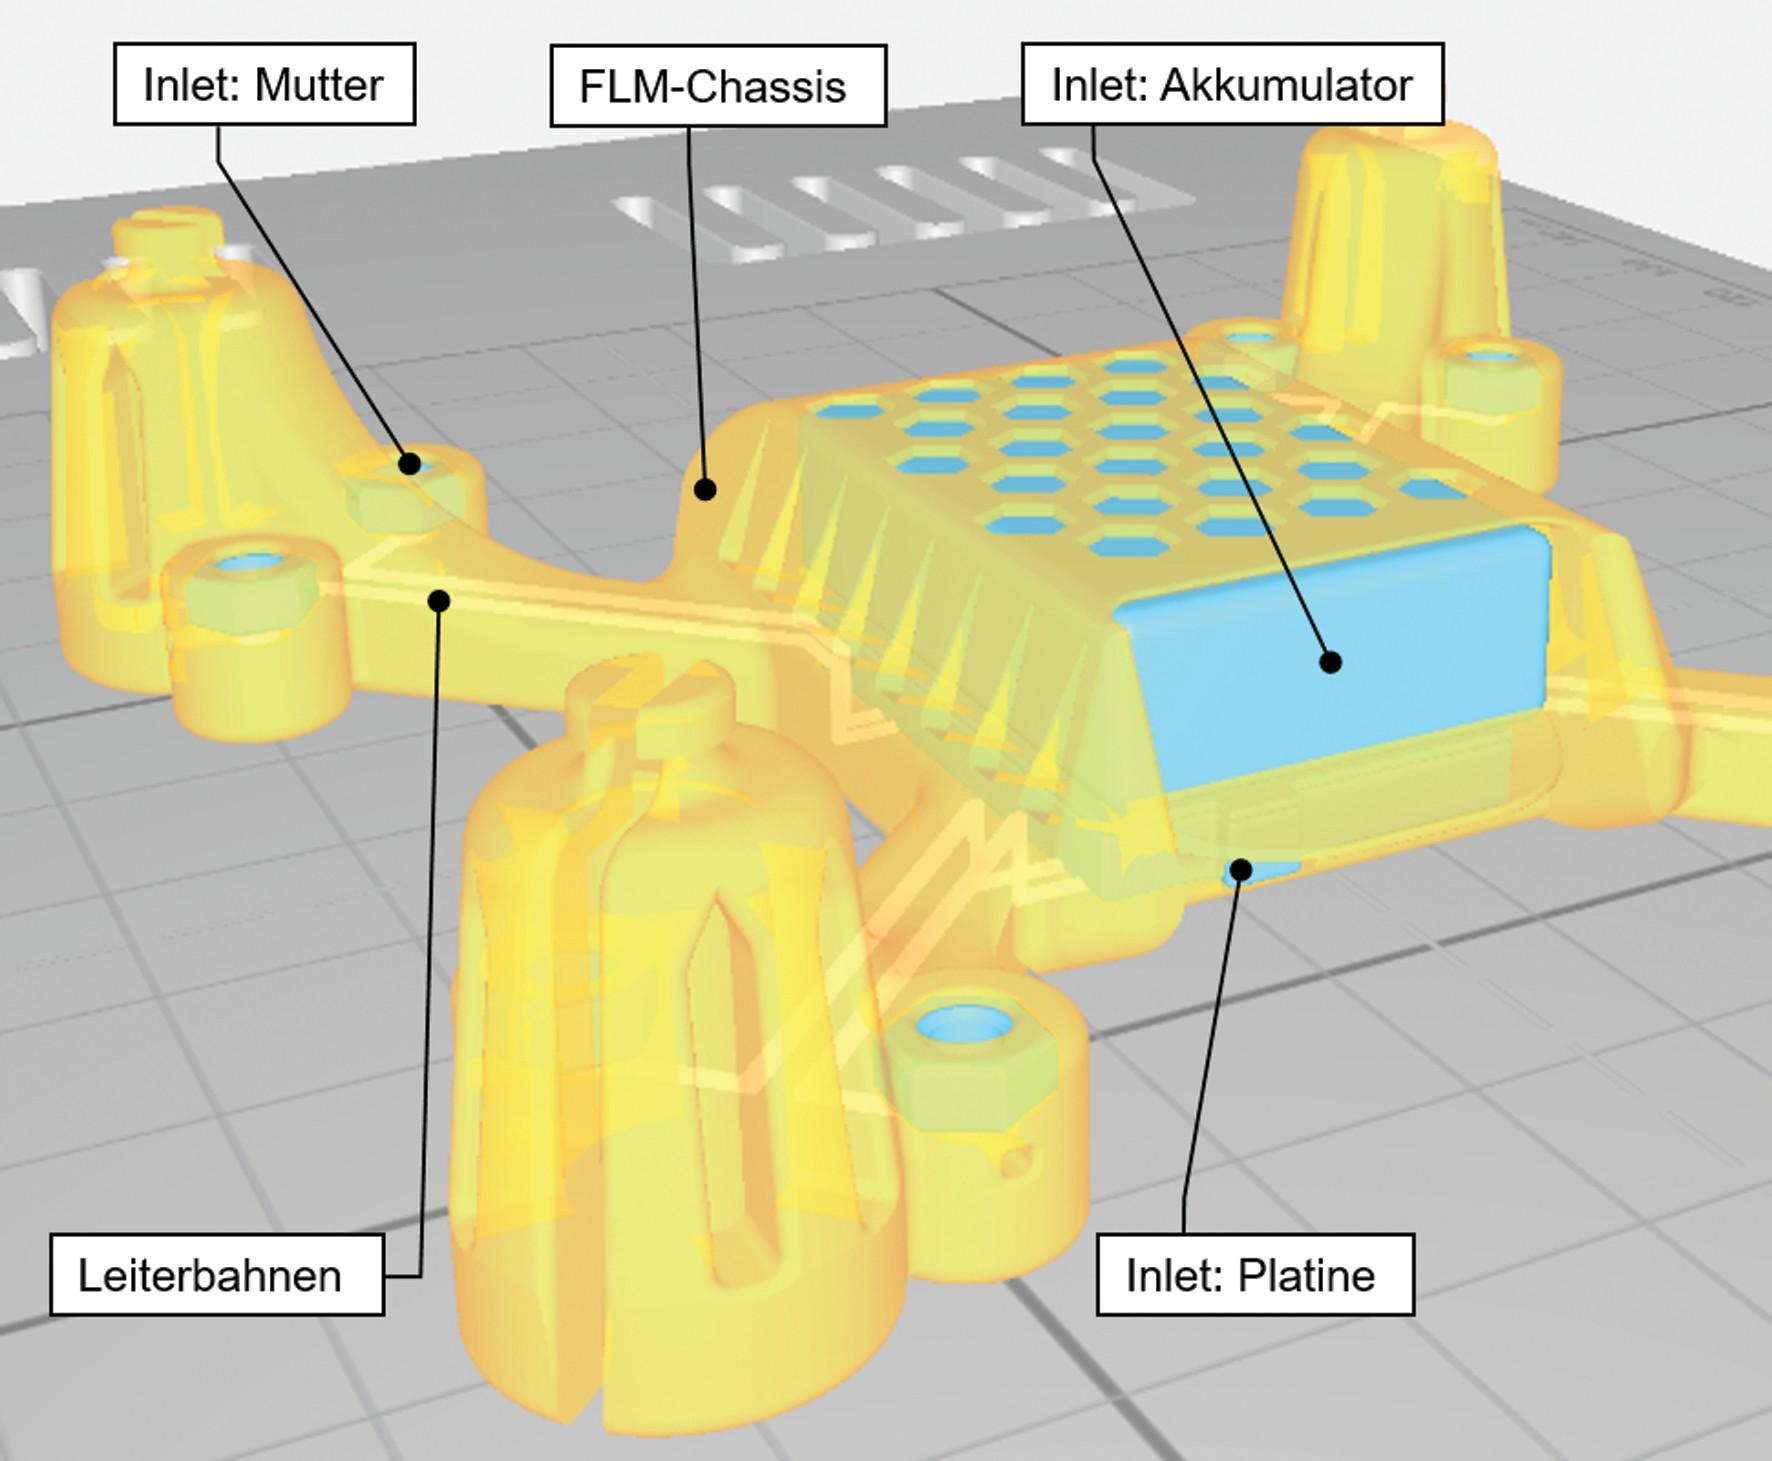 Bild 7: Der Demonstrator als referenzierte STL-Baugruppe. Das druckfertige Modell der Arbeitsvorbereitungssoftware deckt sich mit dem virtuellen CAx-Modell aus Bild 4. (Bild: FAU Erlangen-Nürnberg)